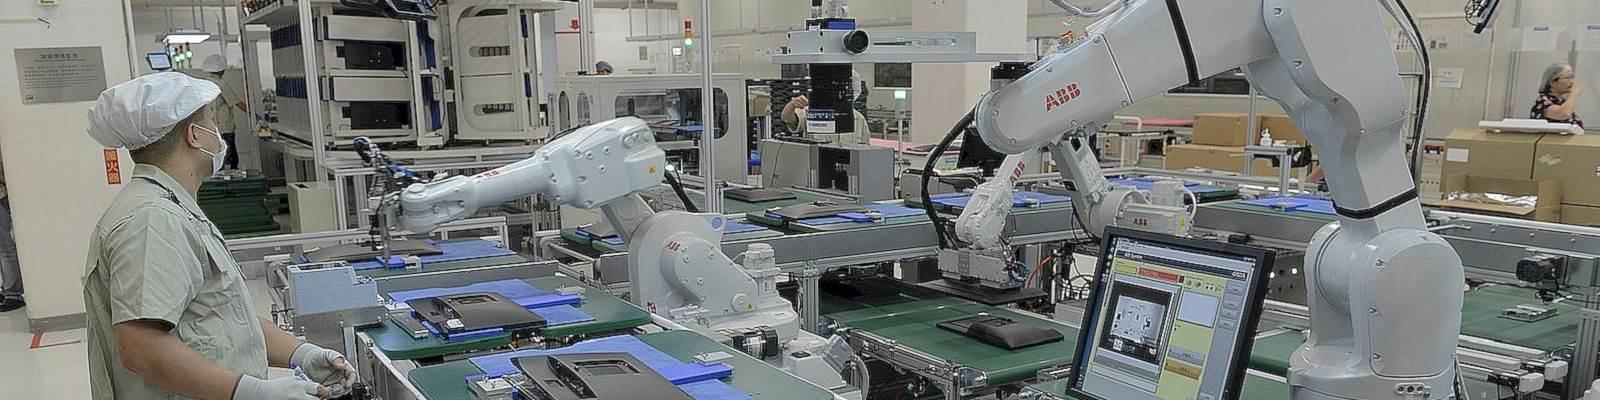 Robots en la línea de montaje de la industria electrónica. Crédito: ABB.